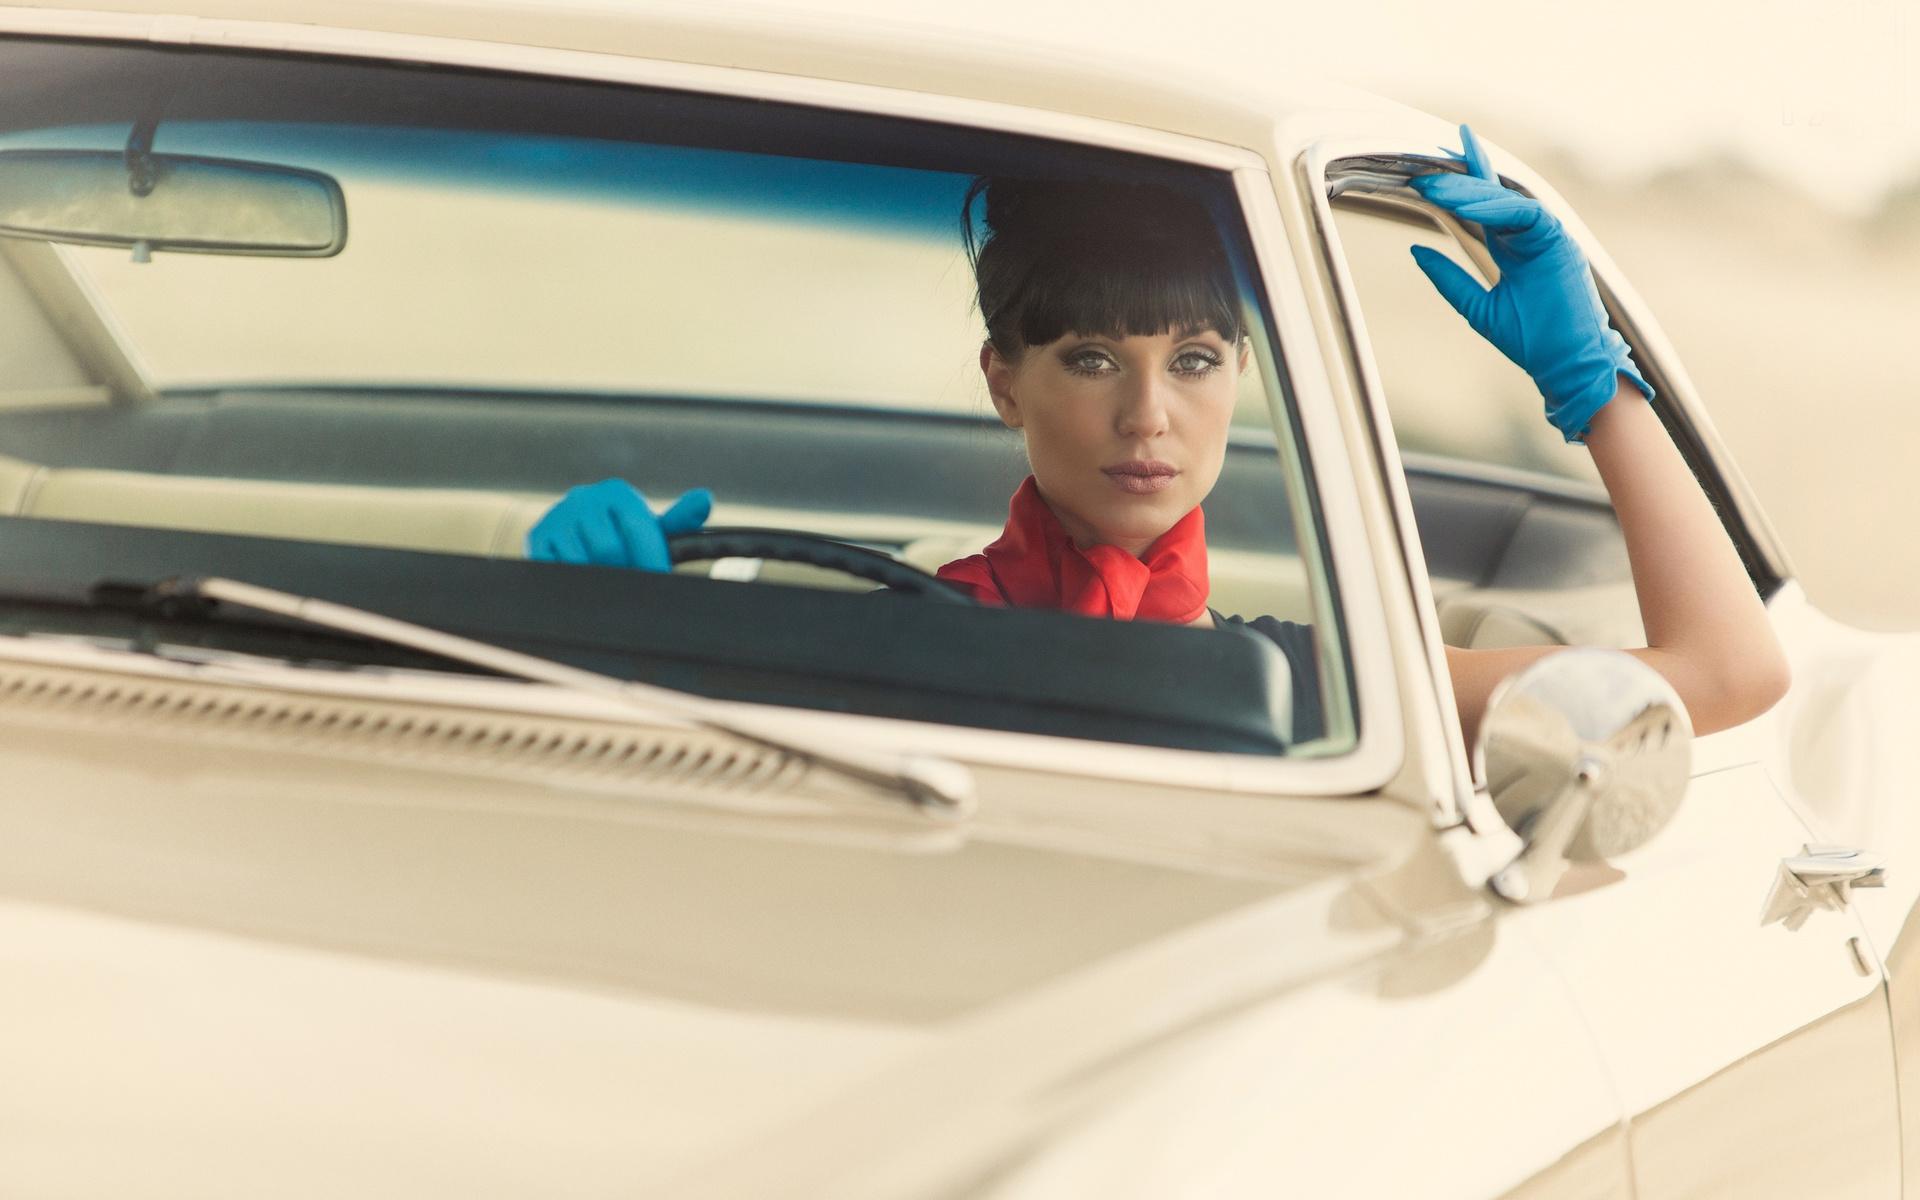 Хозяйка водитель секс, Накаченный водитель трахает свою хозяйку в машине 27 фотография